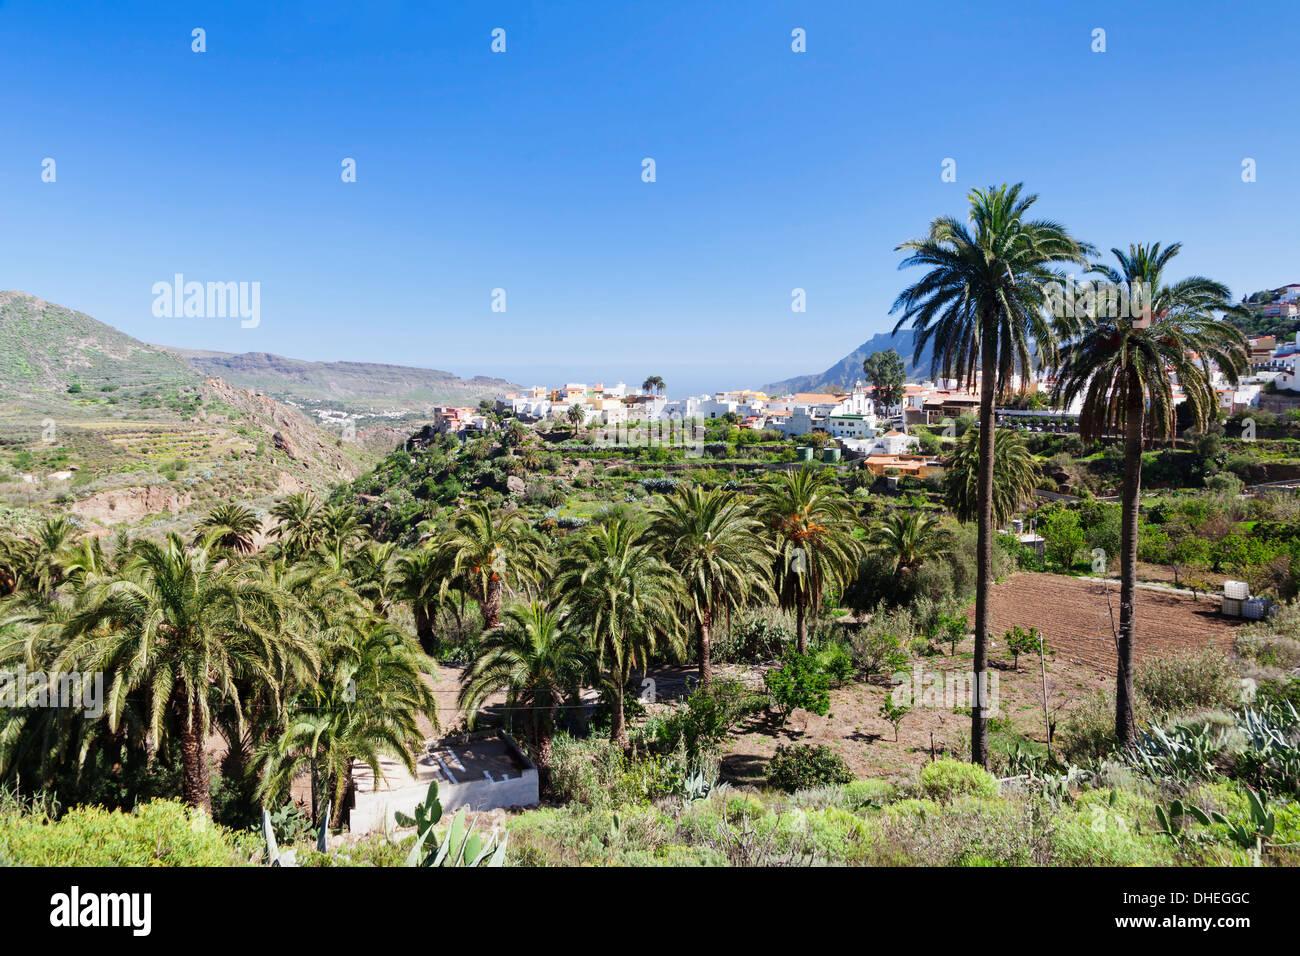 San Bartolome de Tirajana, Gran Canaria, Kanarische Inseln, Spanien, Europa Stockbild